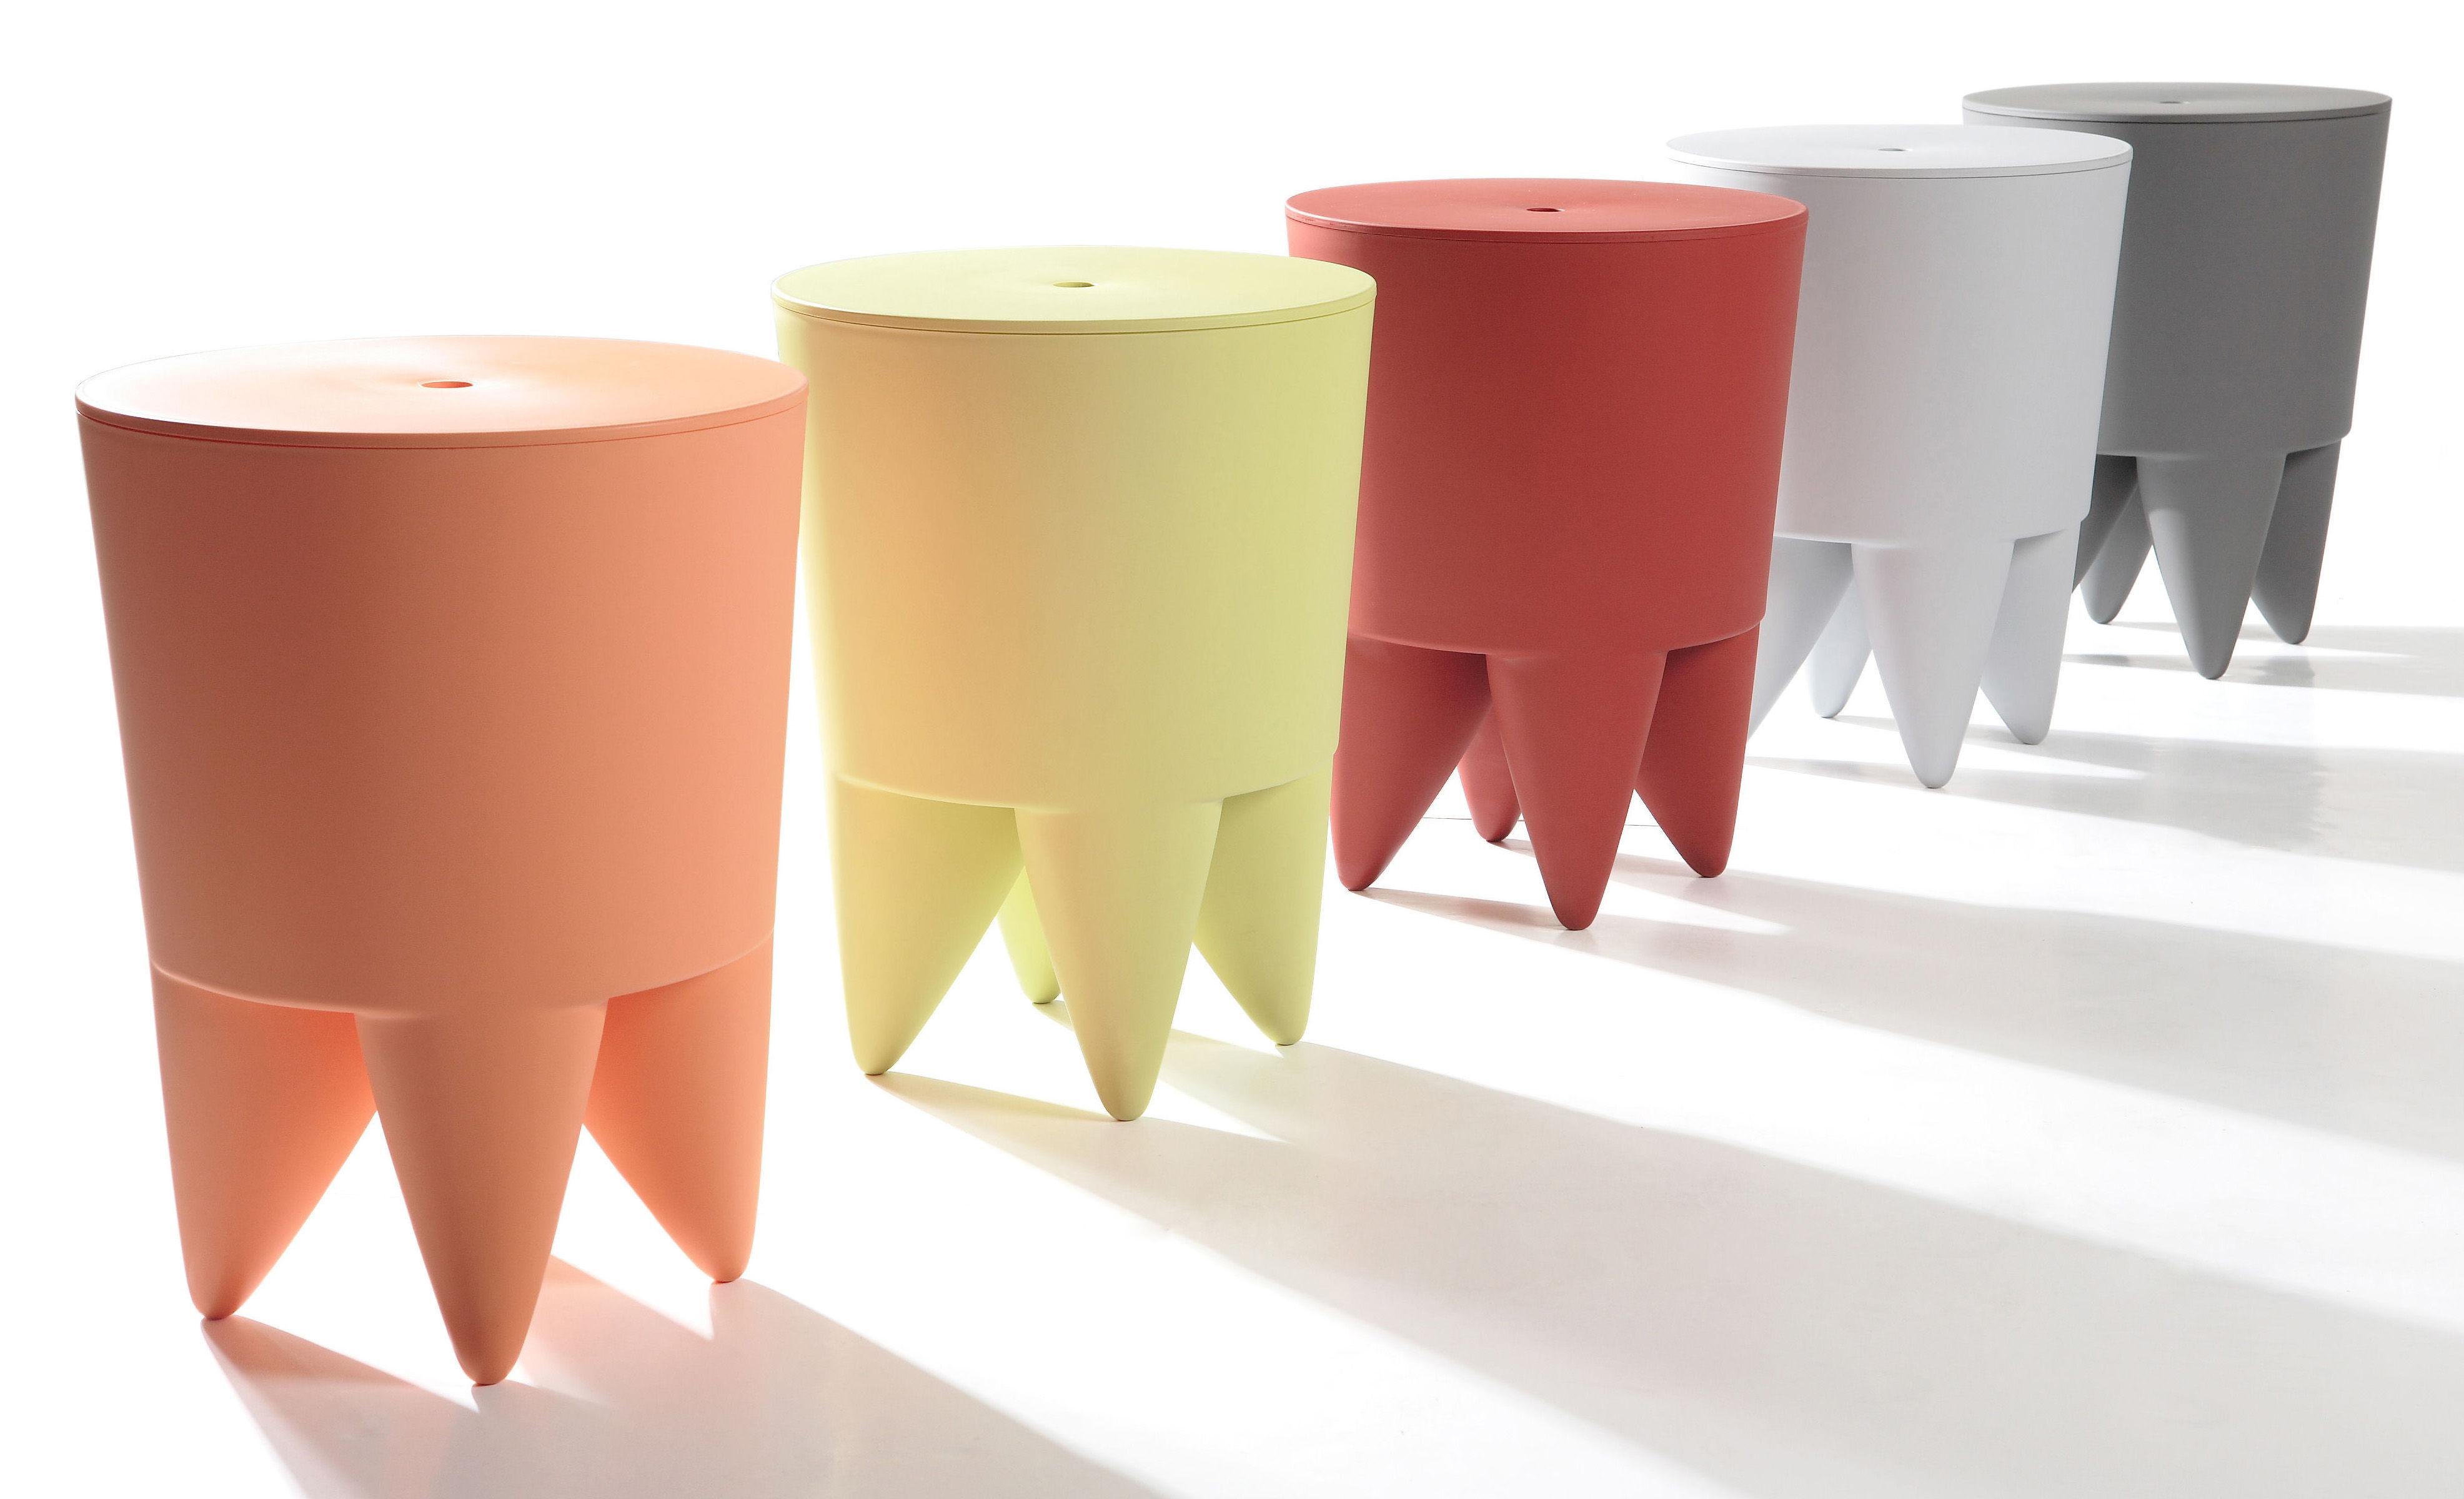 Tabouret new bubu 1er coffre plastique craie xo for Coffre tabouret salle de bain